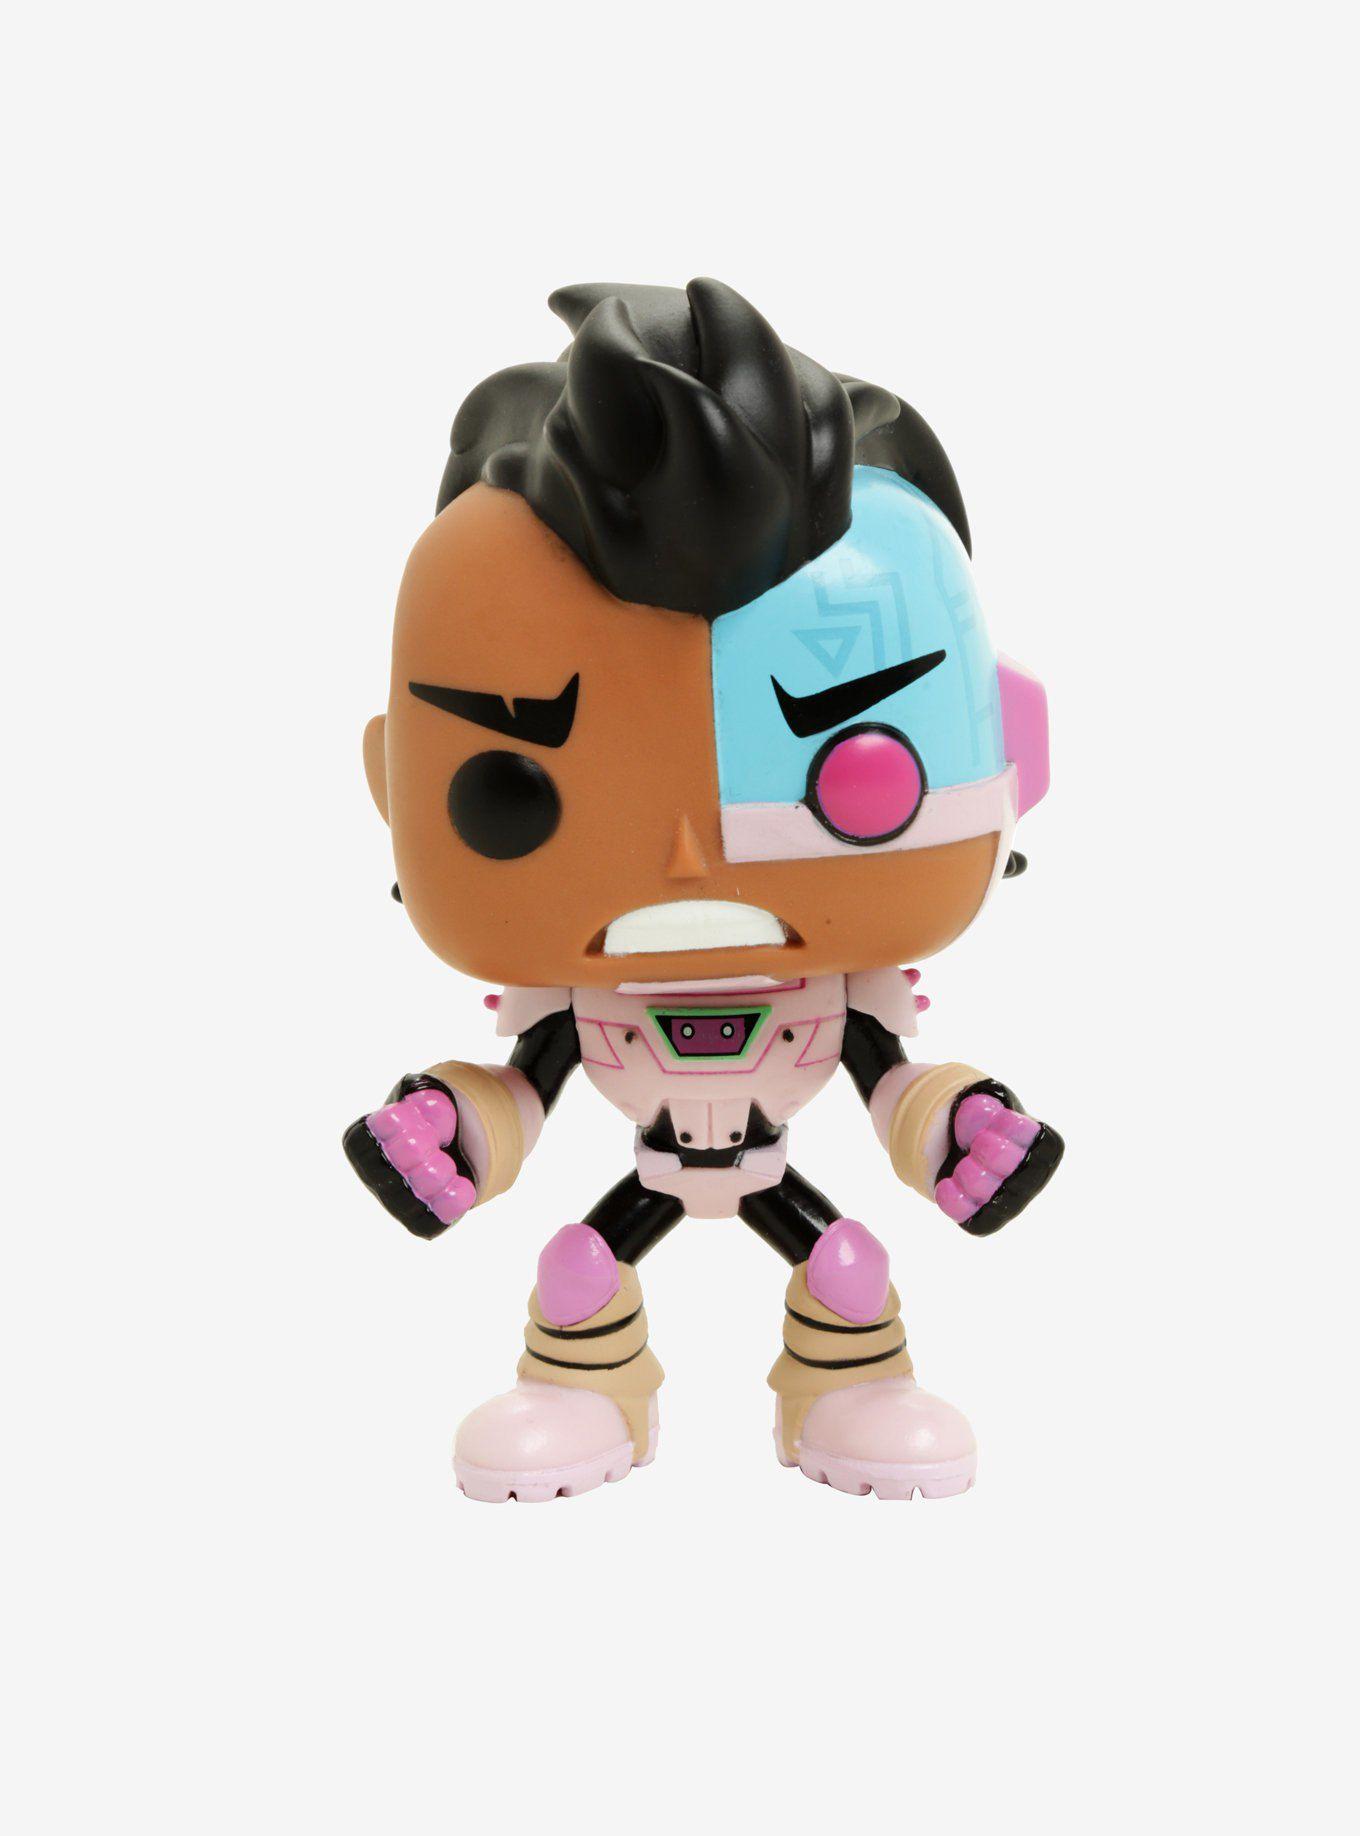 Cyborg #605 - Teen Titans Go! ( Os Jovens Titãs em Ação ) - Funko Pop! Animation